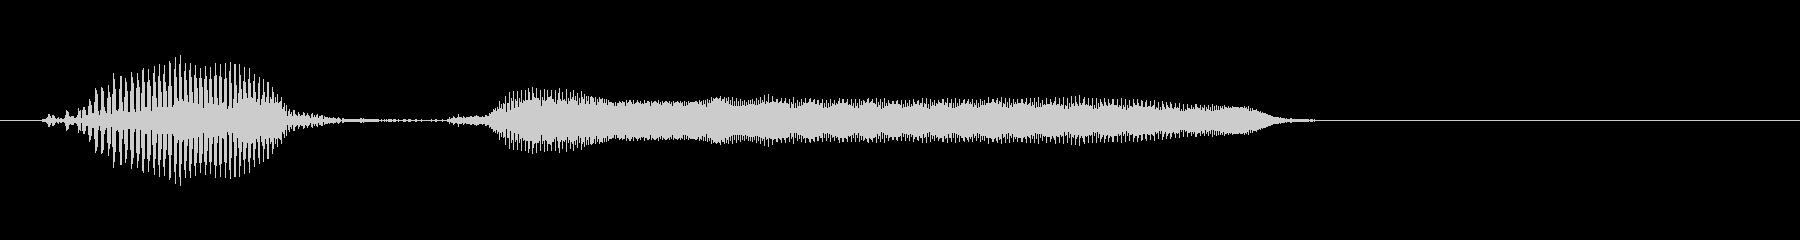 おおきにの未再生の波形